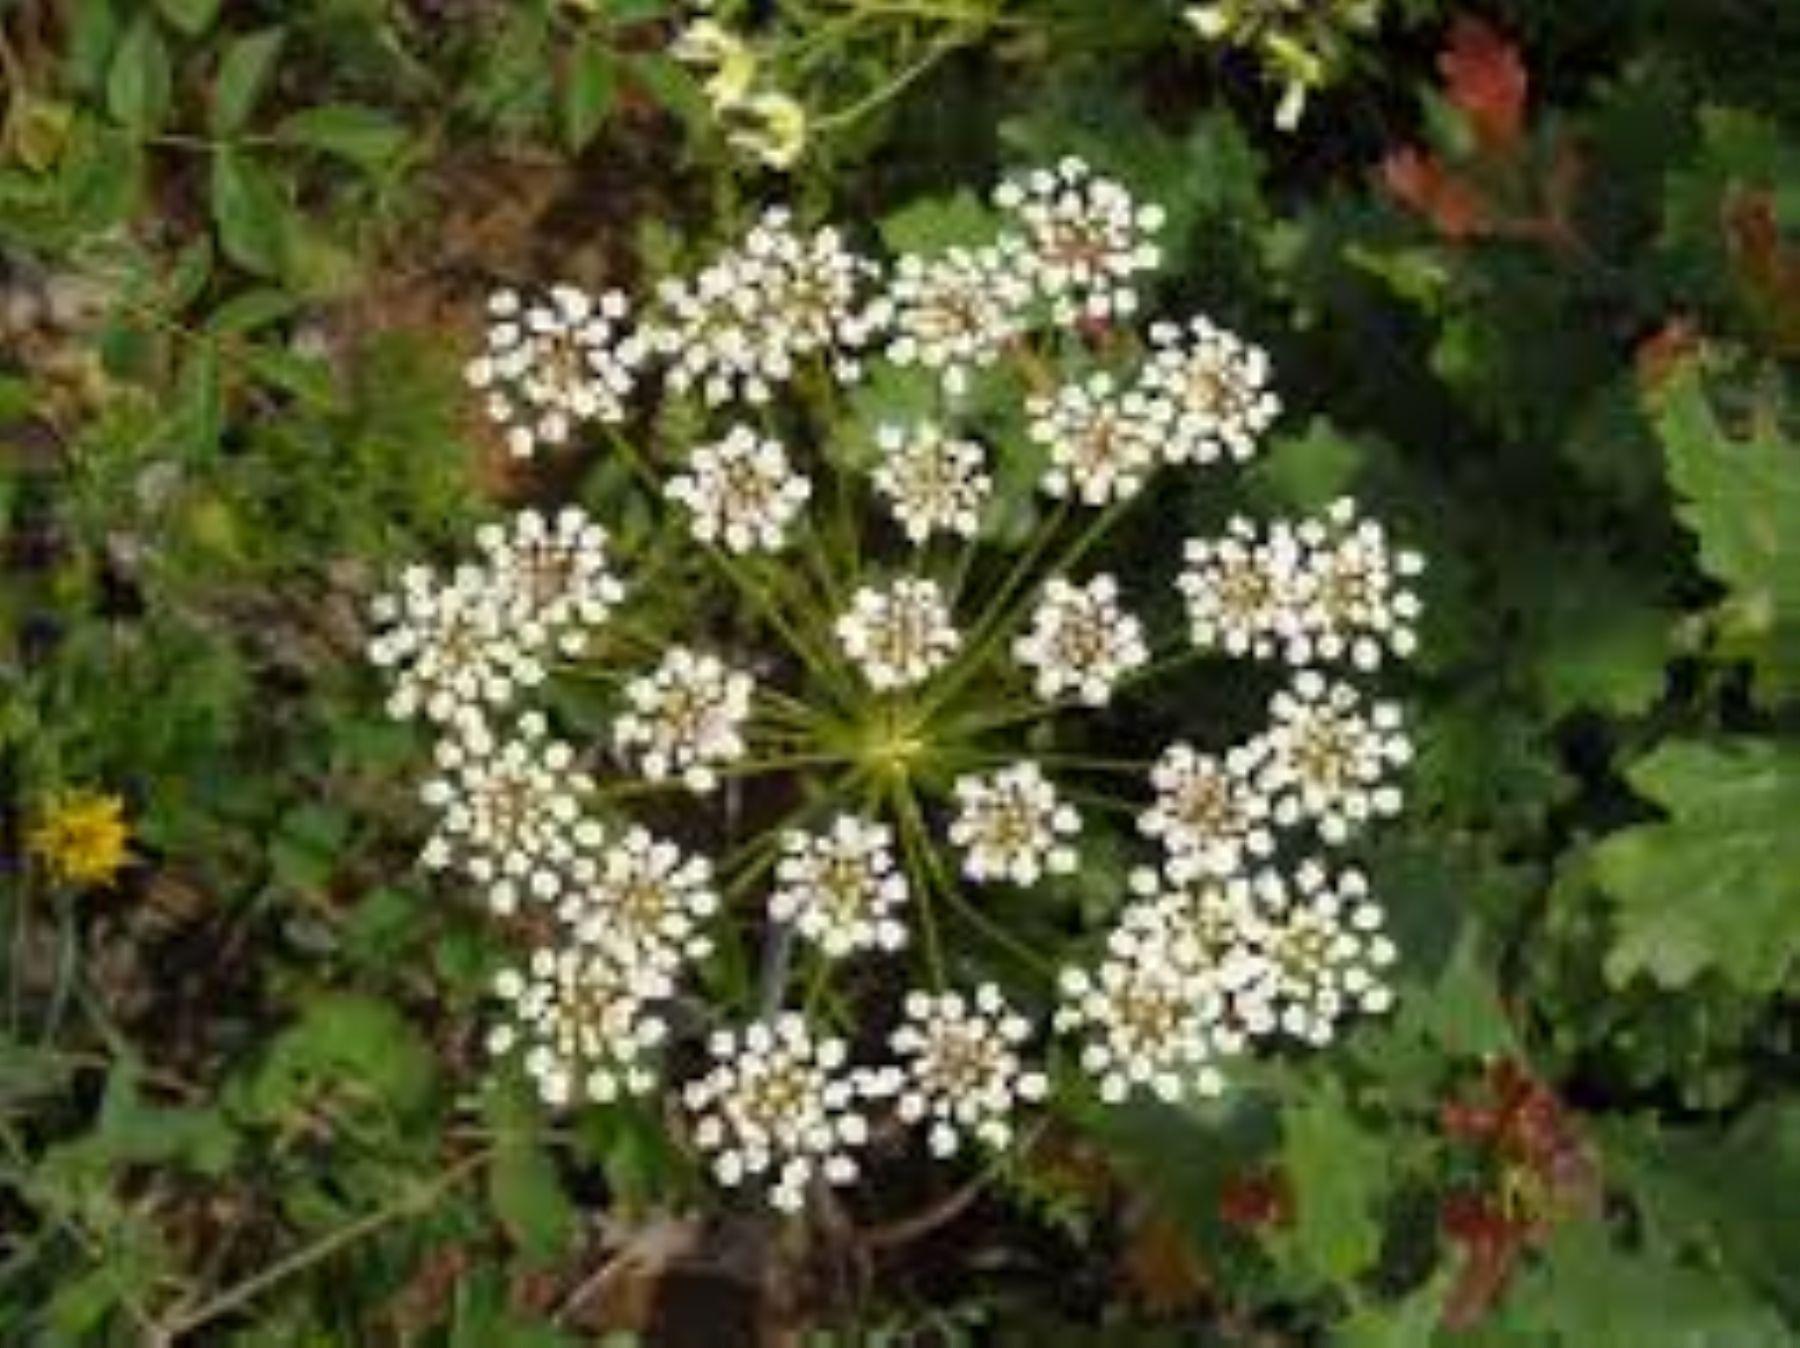 El anís es una de las 11 plantas medicinales cuyas propiedades curativas remarca EsSalud. Foto:Internet